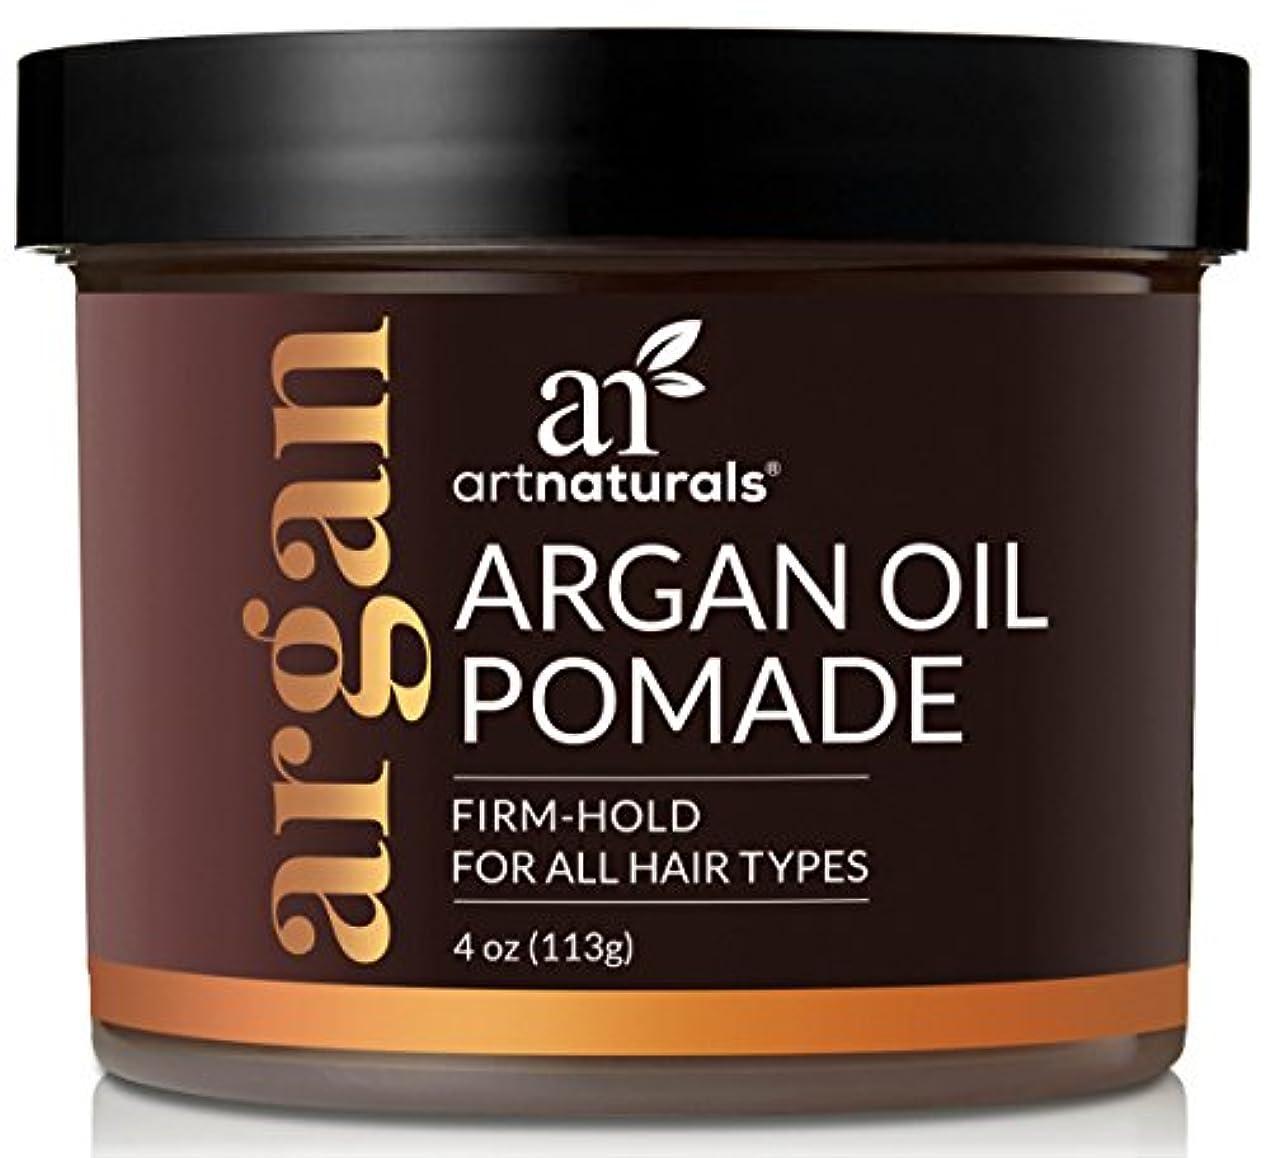 積極的に引き潮所得ArtNaturals Professional Argan Oil Pomade - (4 Oz / 113g) - Strong Hold for All Hair Types – Natural Hair Styling...